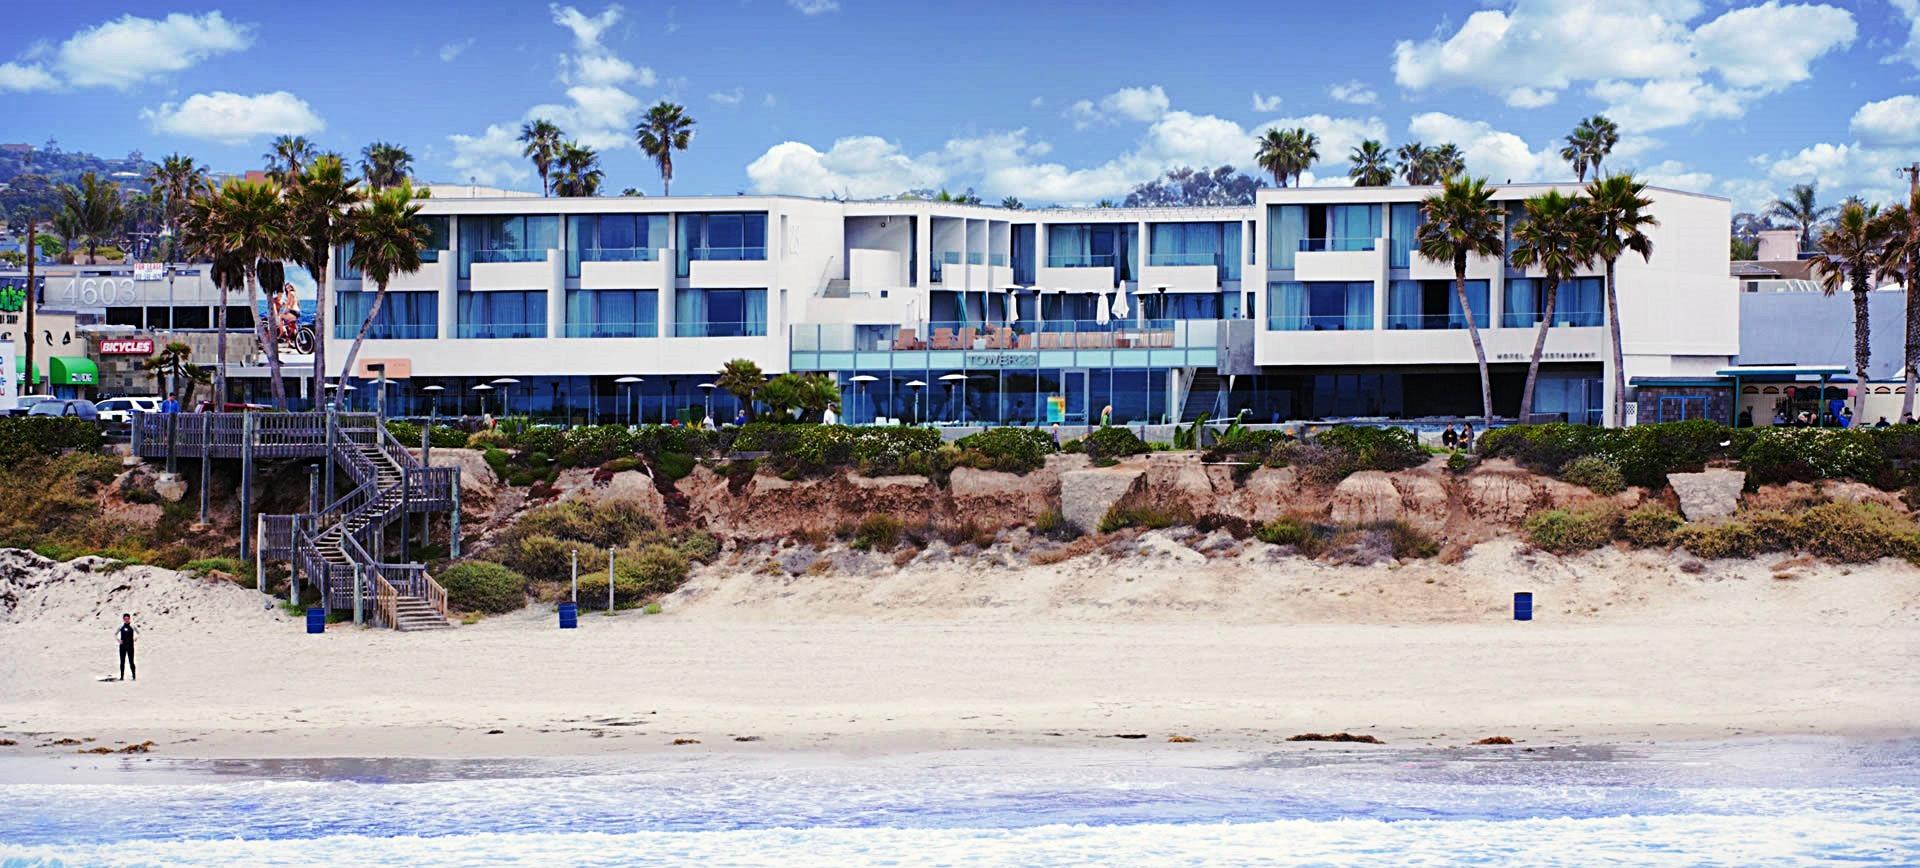 digital-marketing-hotel